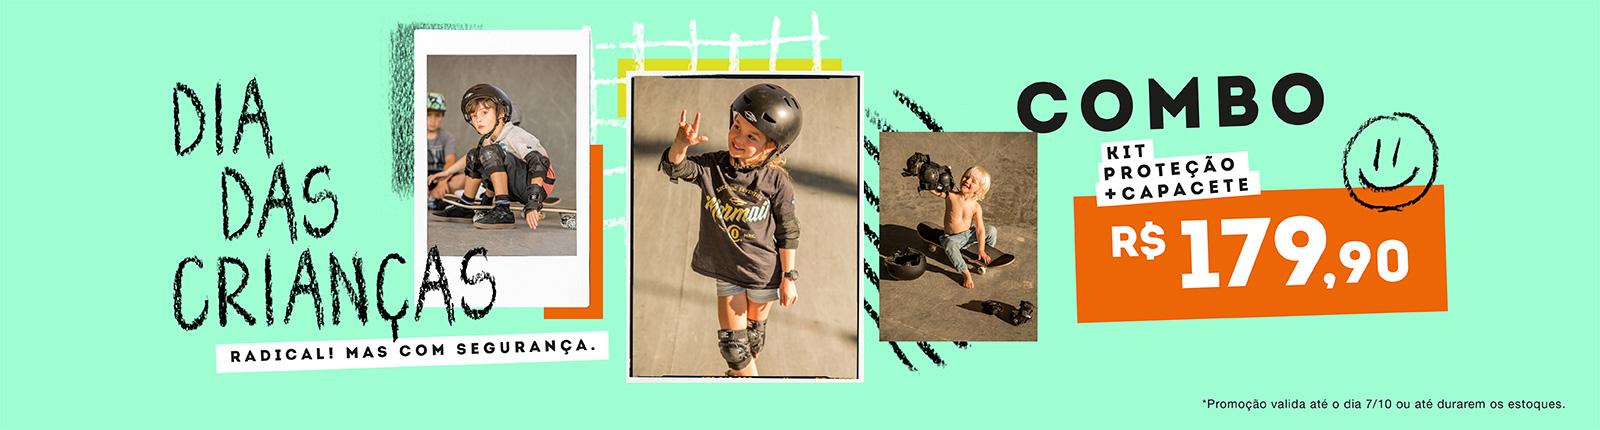 Combo Skate dia das crianças